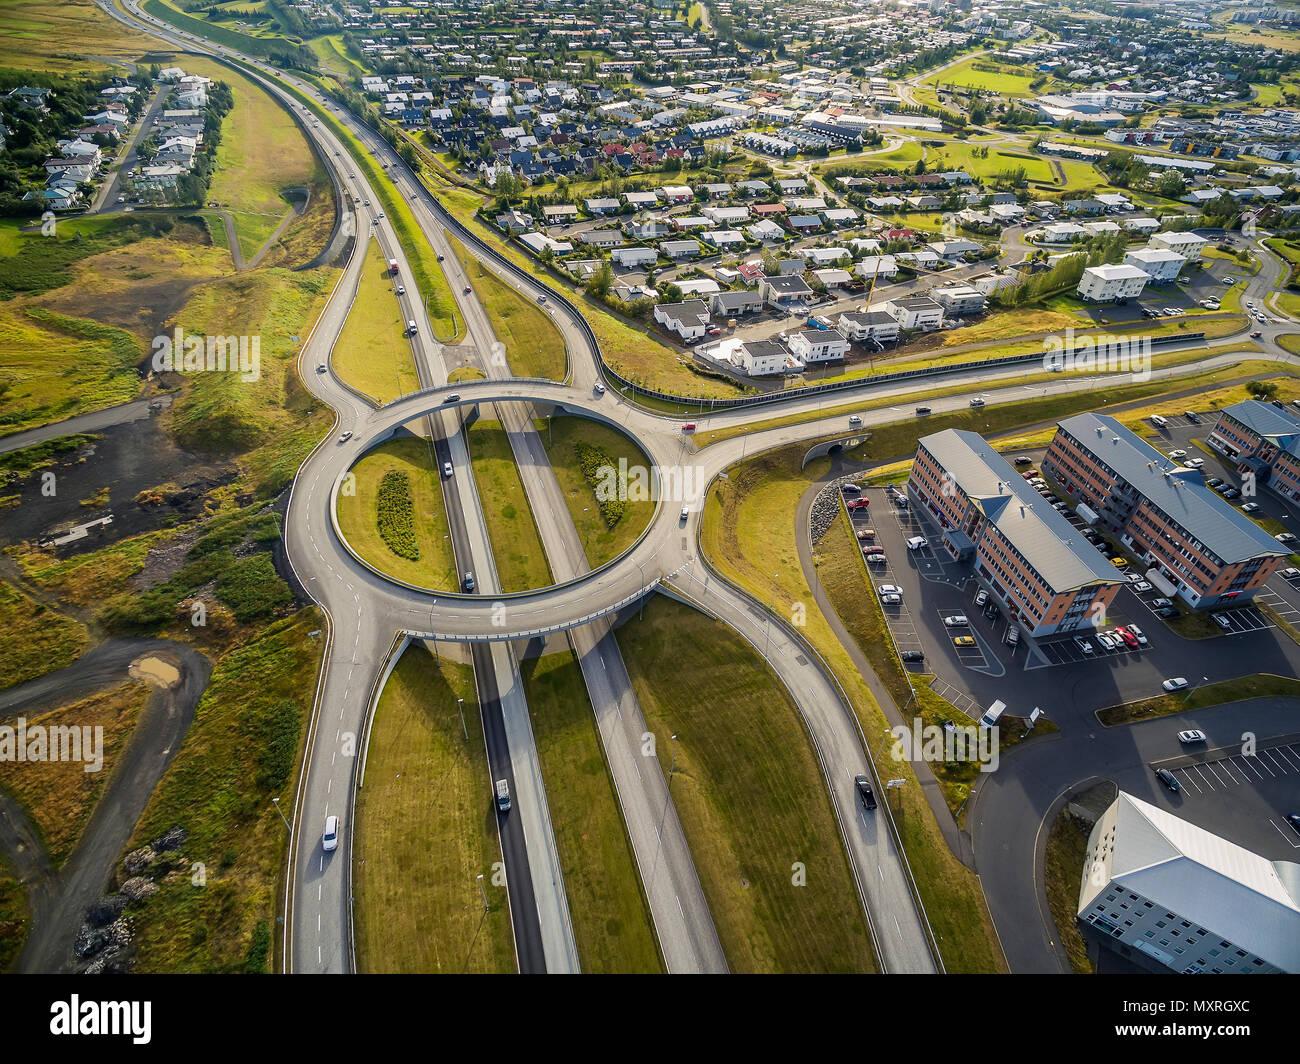 Luftaufnahme von Kreisverkehr und Straßen, Reykjavik, Island Stockbild